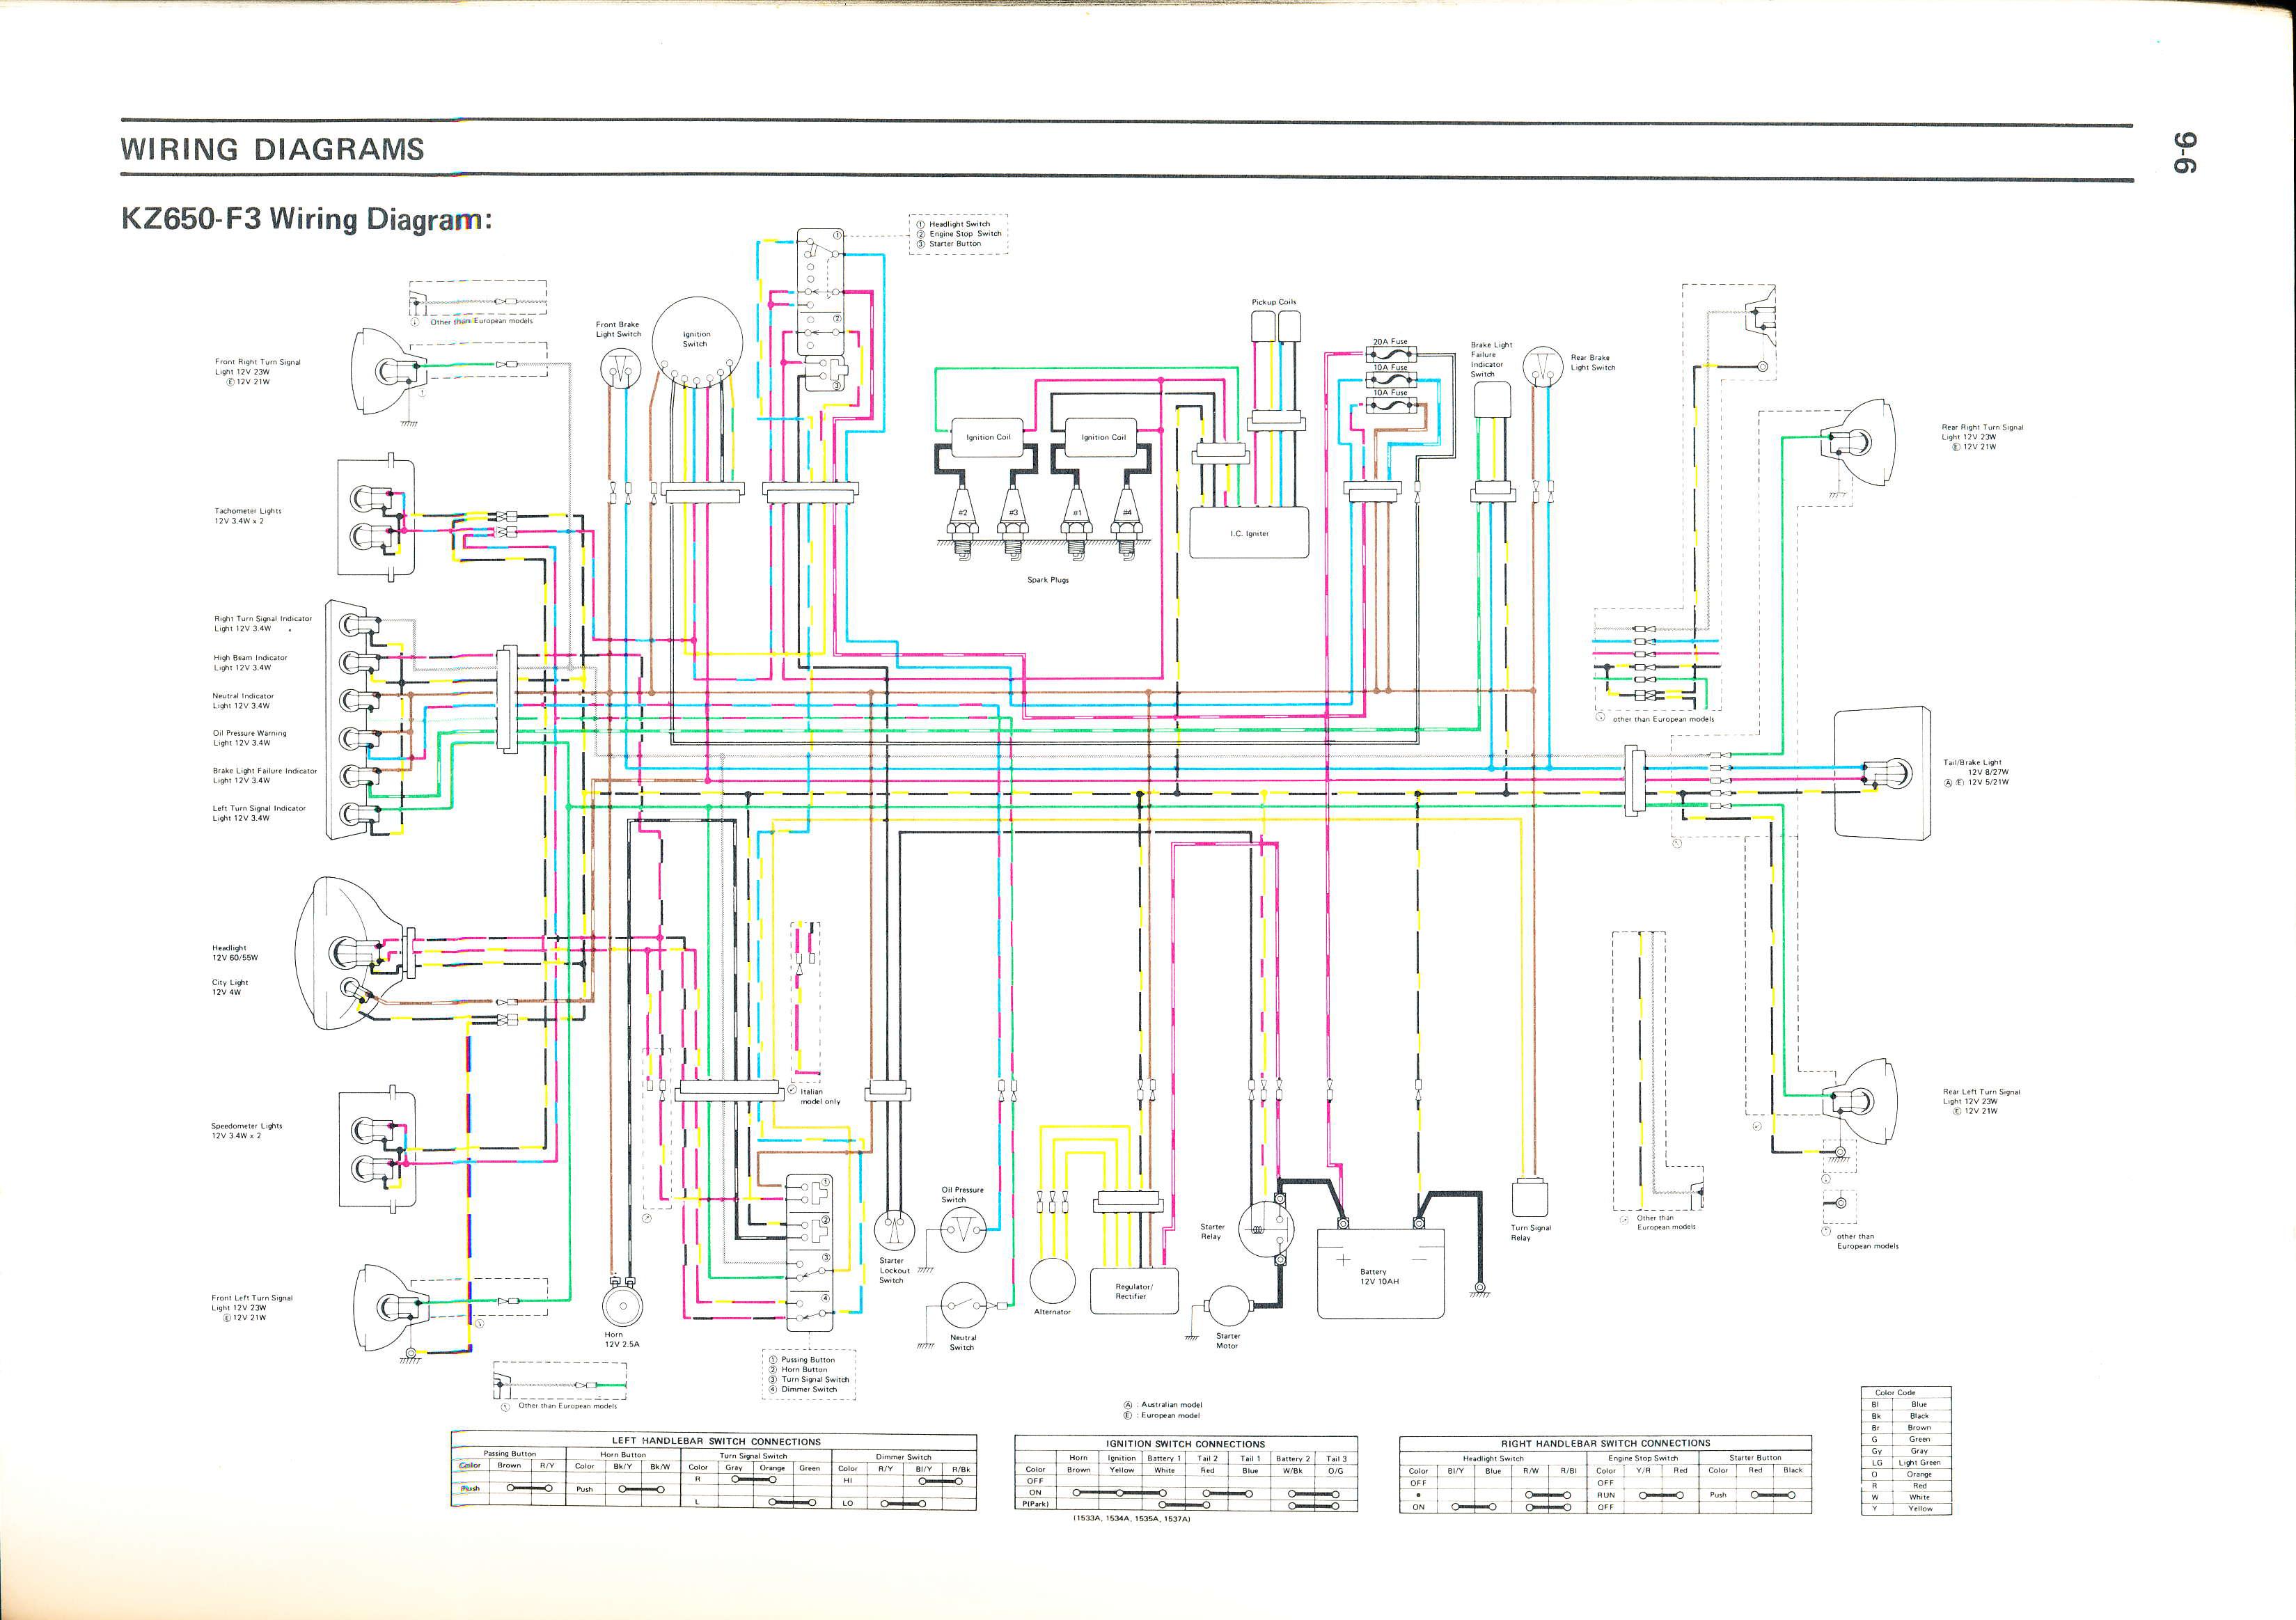 1986 chevy diesel alternator wiring diagram kz900 wiring diagram #6